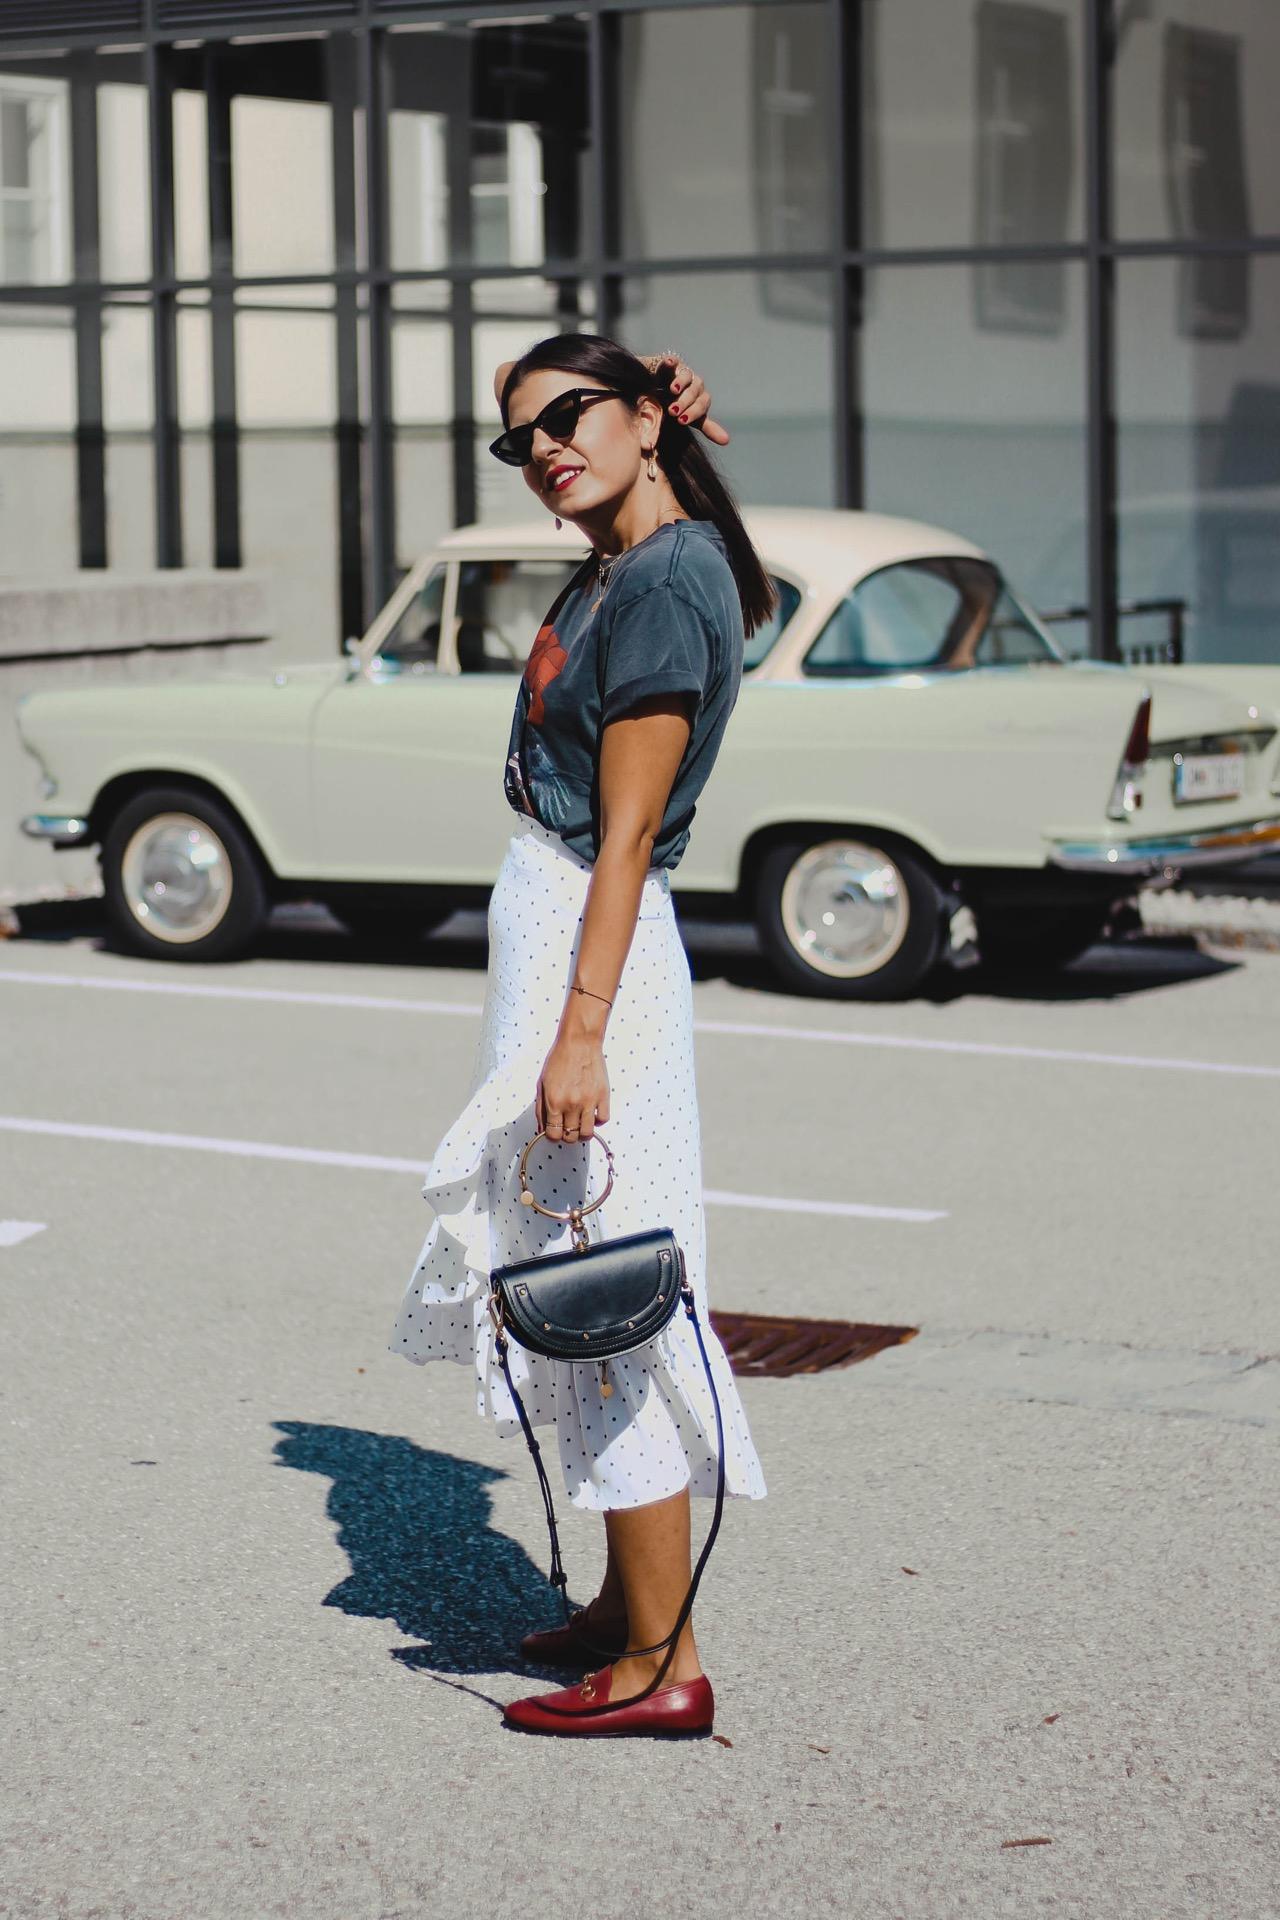 d76a59c4 Anine Bing Vintage Bing Tee - Fashionnes - Mode und Lifestyle Blog